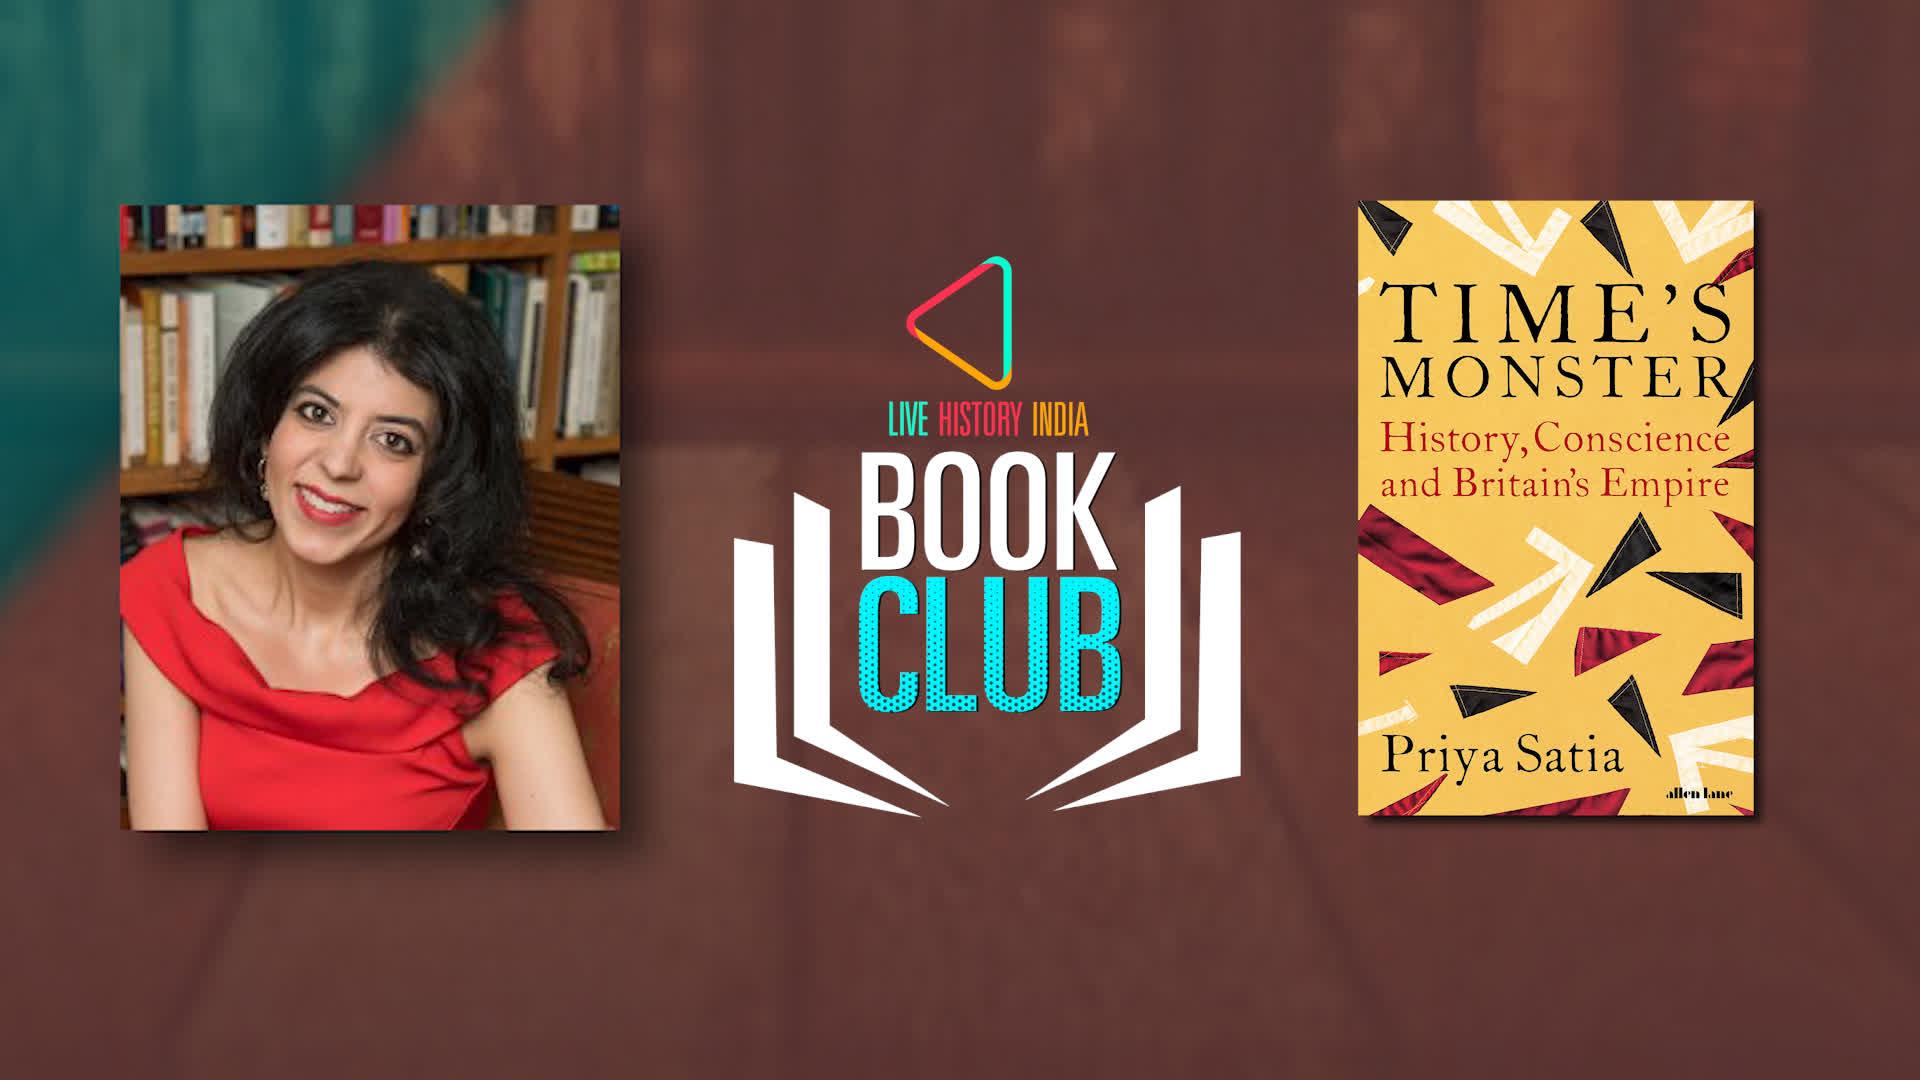 Priya Satia on the Time's Monster